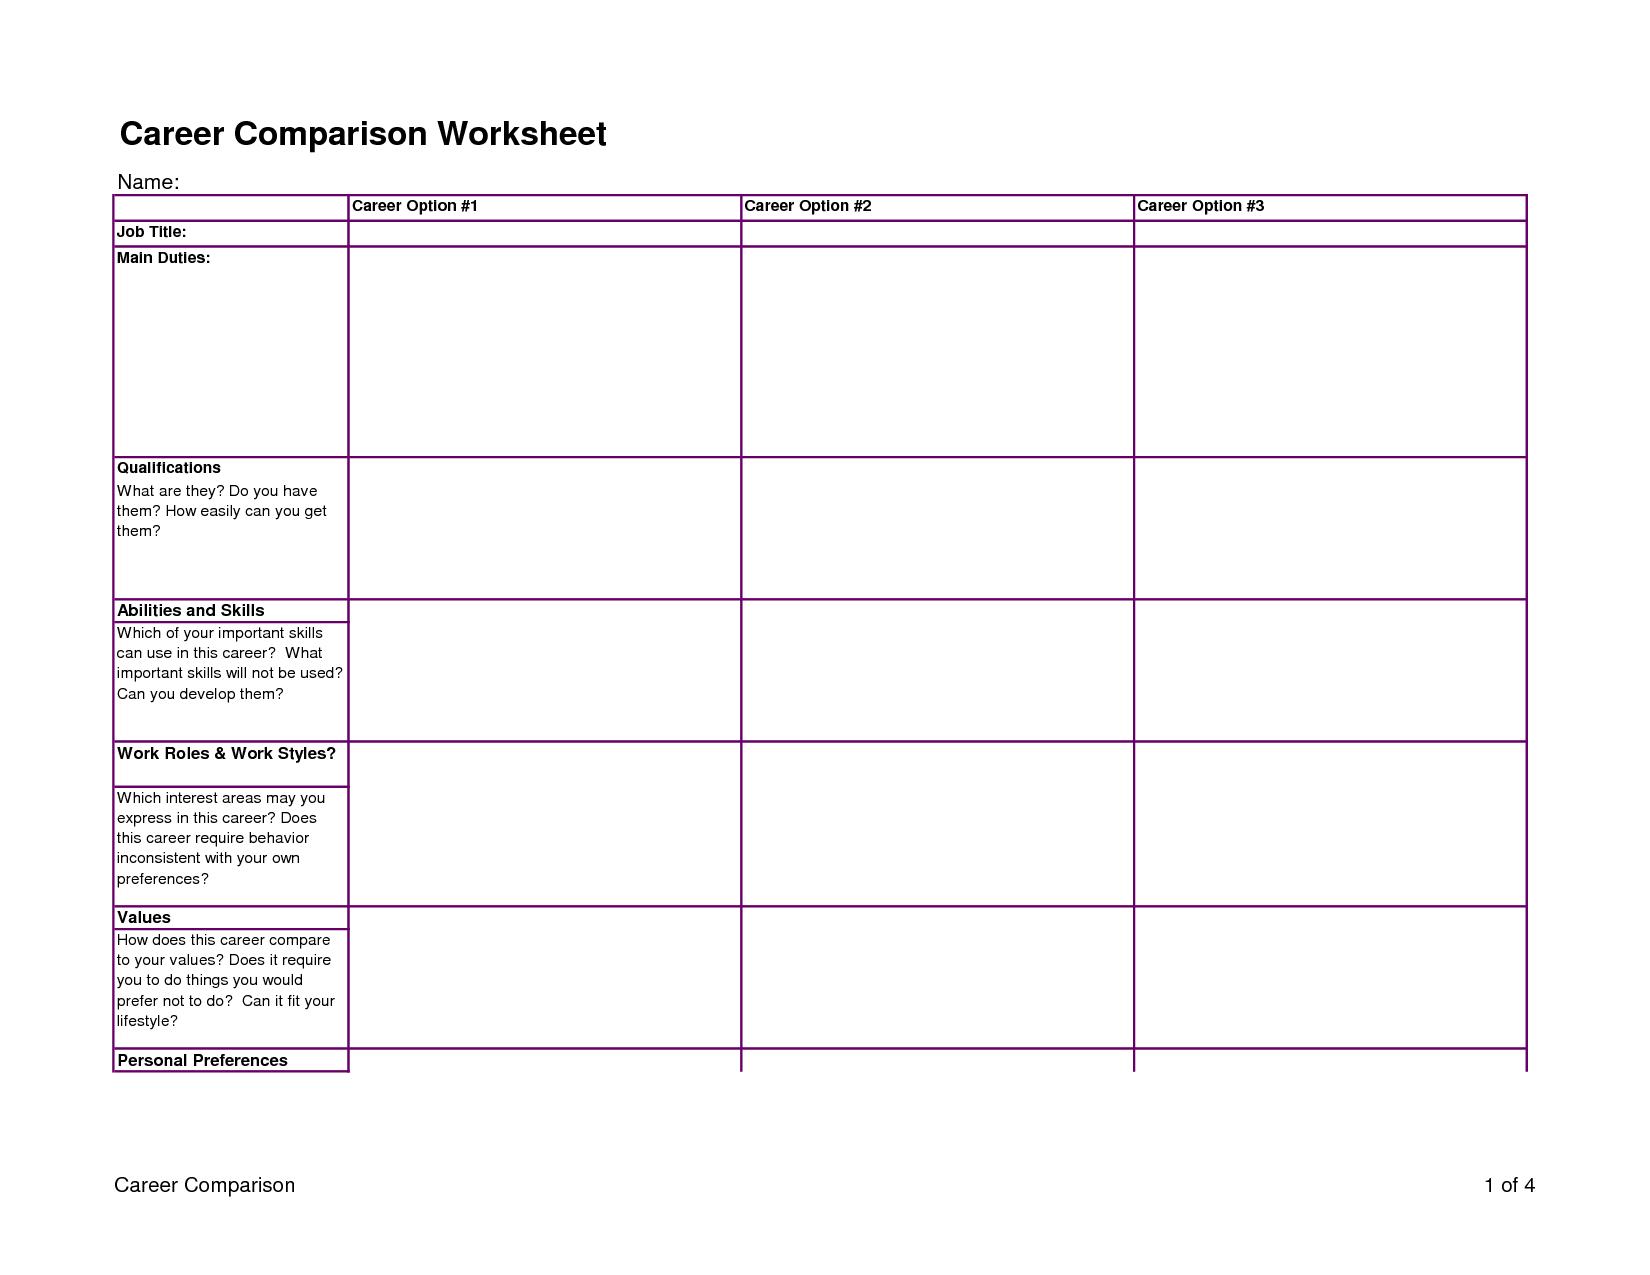 Career Comparison Worksheet